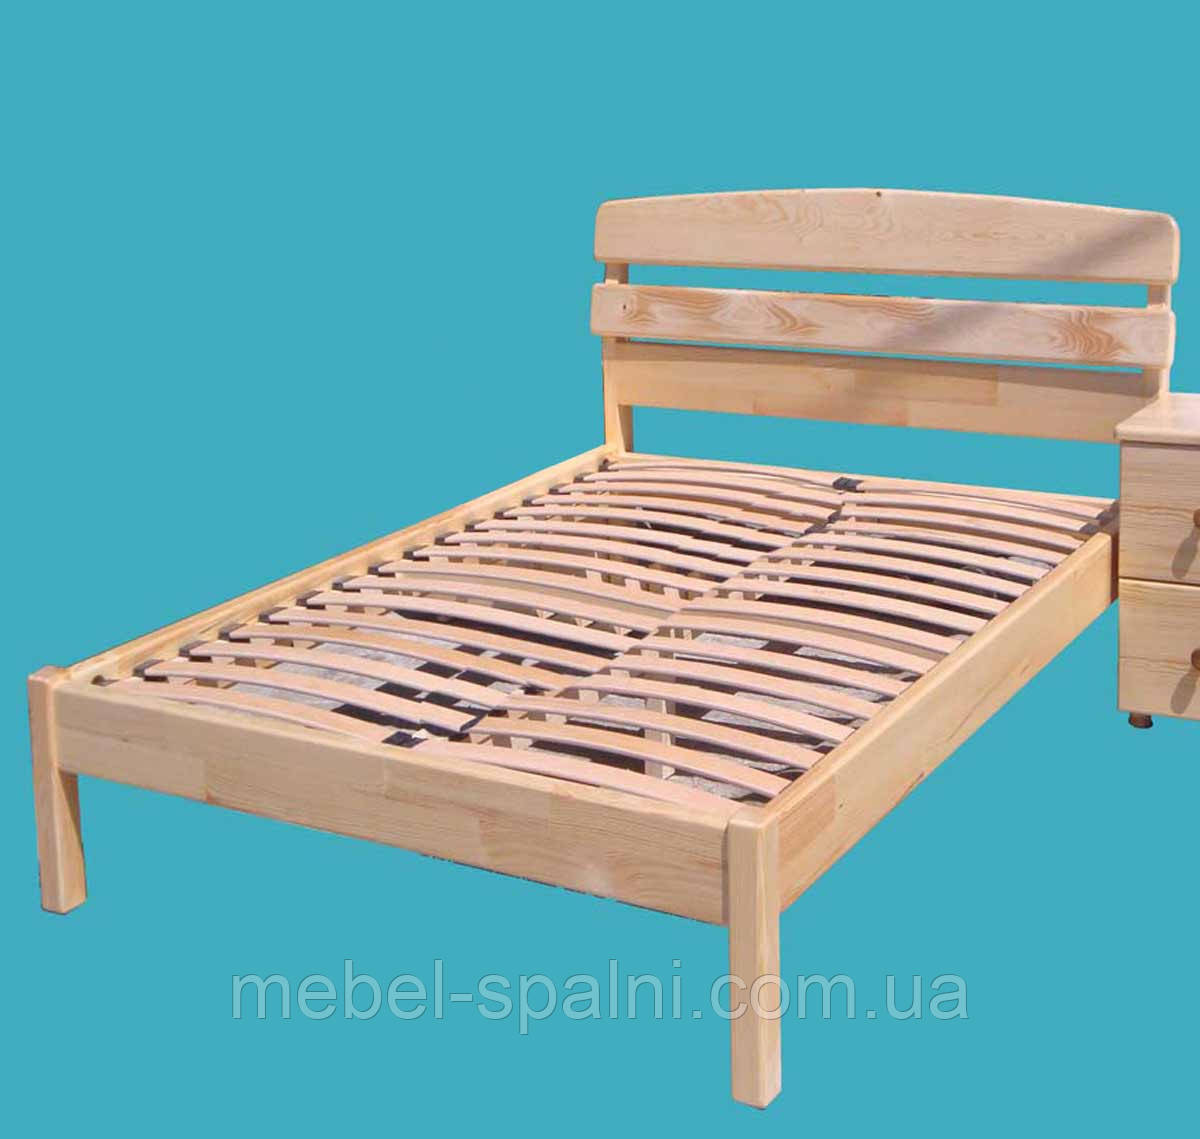 купить харьков кровать деревянная односпальная александра Kral1